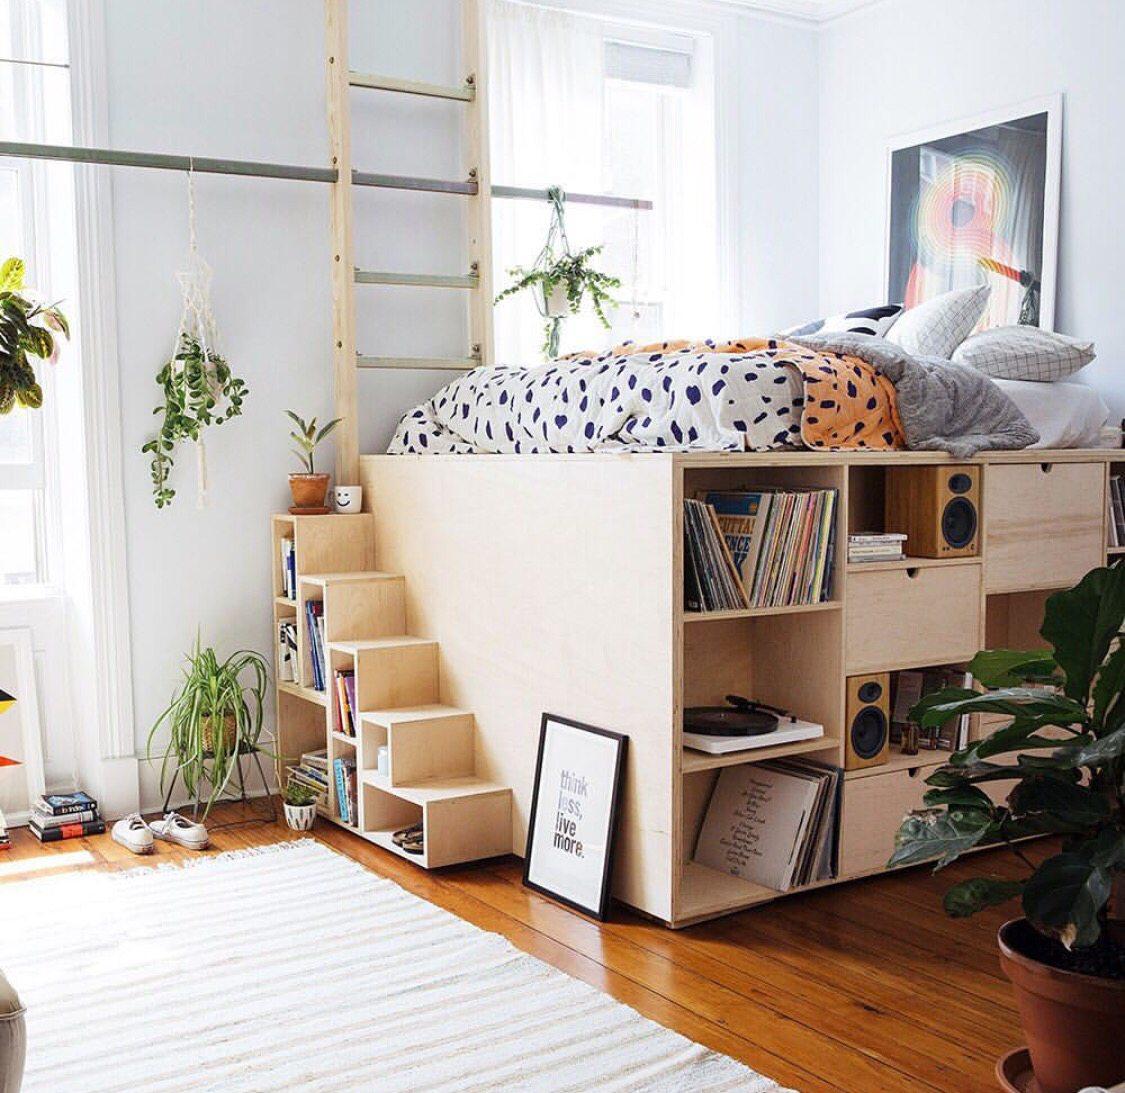 hoogslaper in woonkamer